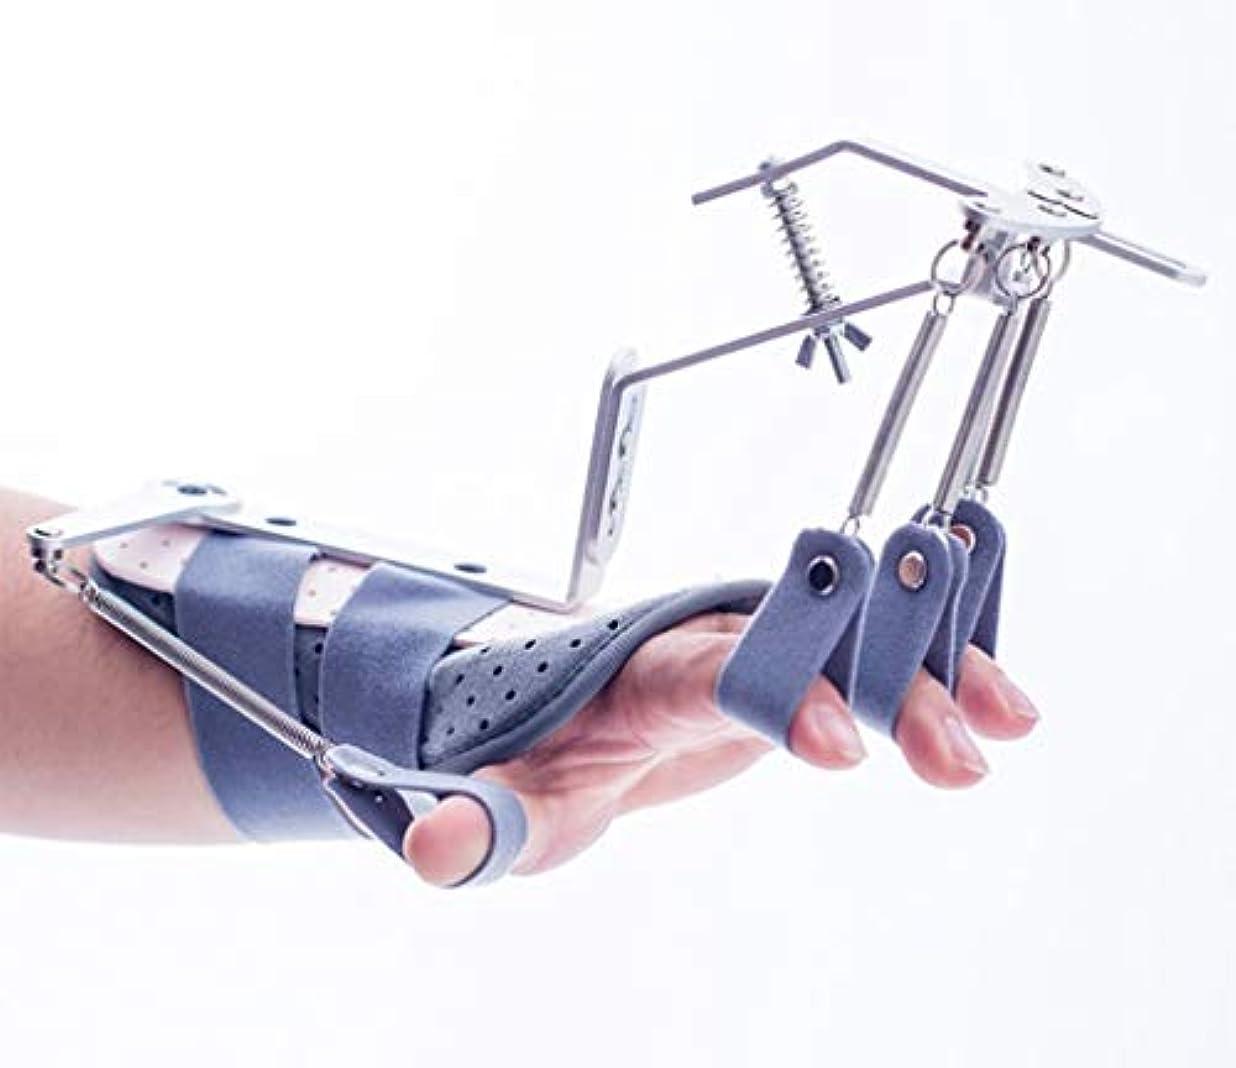 ナプキン移動拮抗する手指装具 フィンガーエクササイザー機器 適切な 脳梗塞の場合 血栓症脳卒中部 片麻痺保護